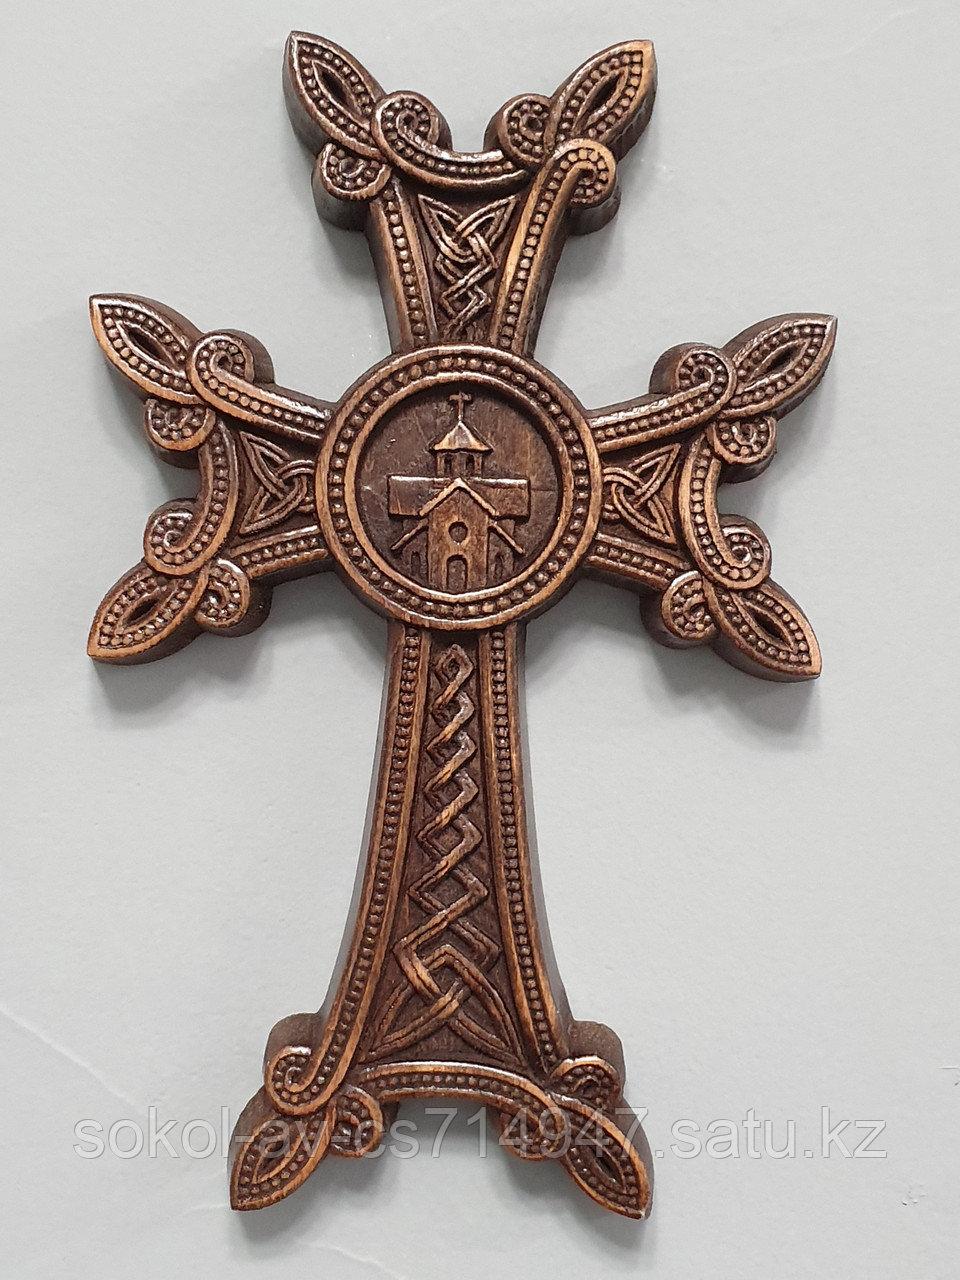 Панно крест резной настенный из дерева  Армянский с церковью, темный, 12 х 19.1 см